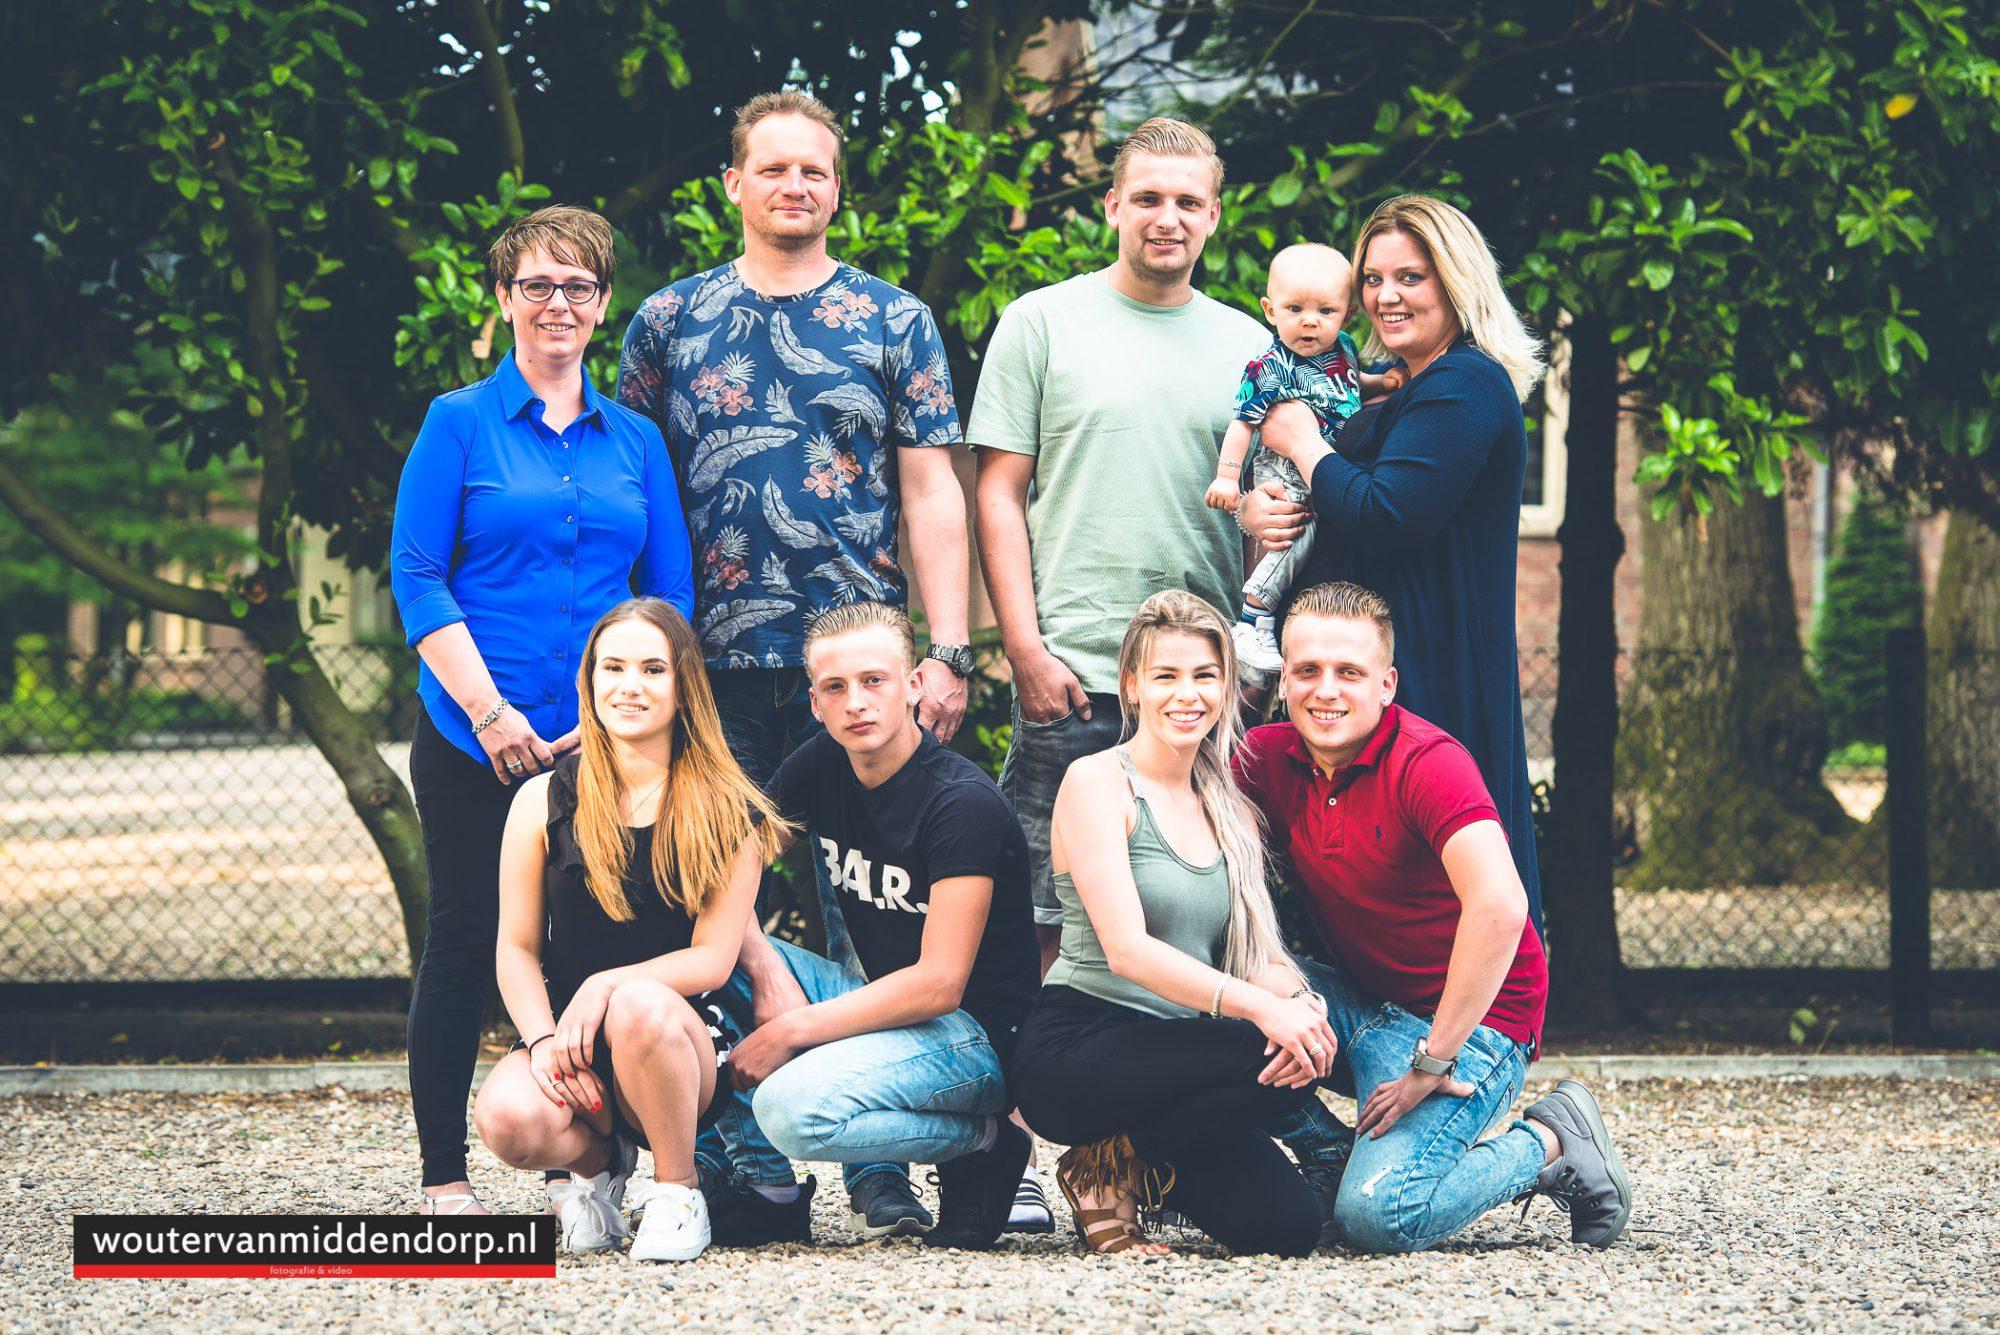 bruidsfotografie Wouter van Middendorp Uddel-15